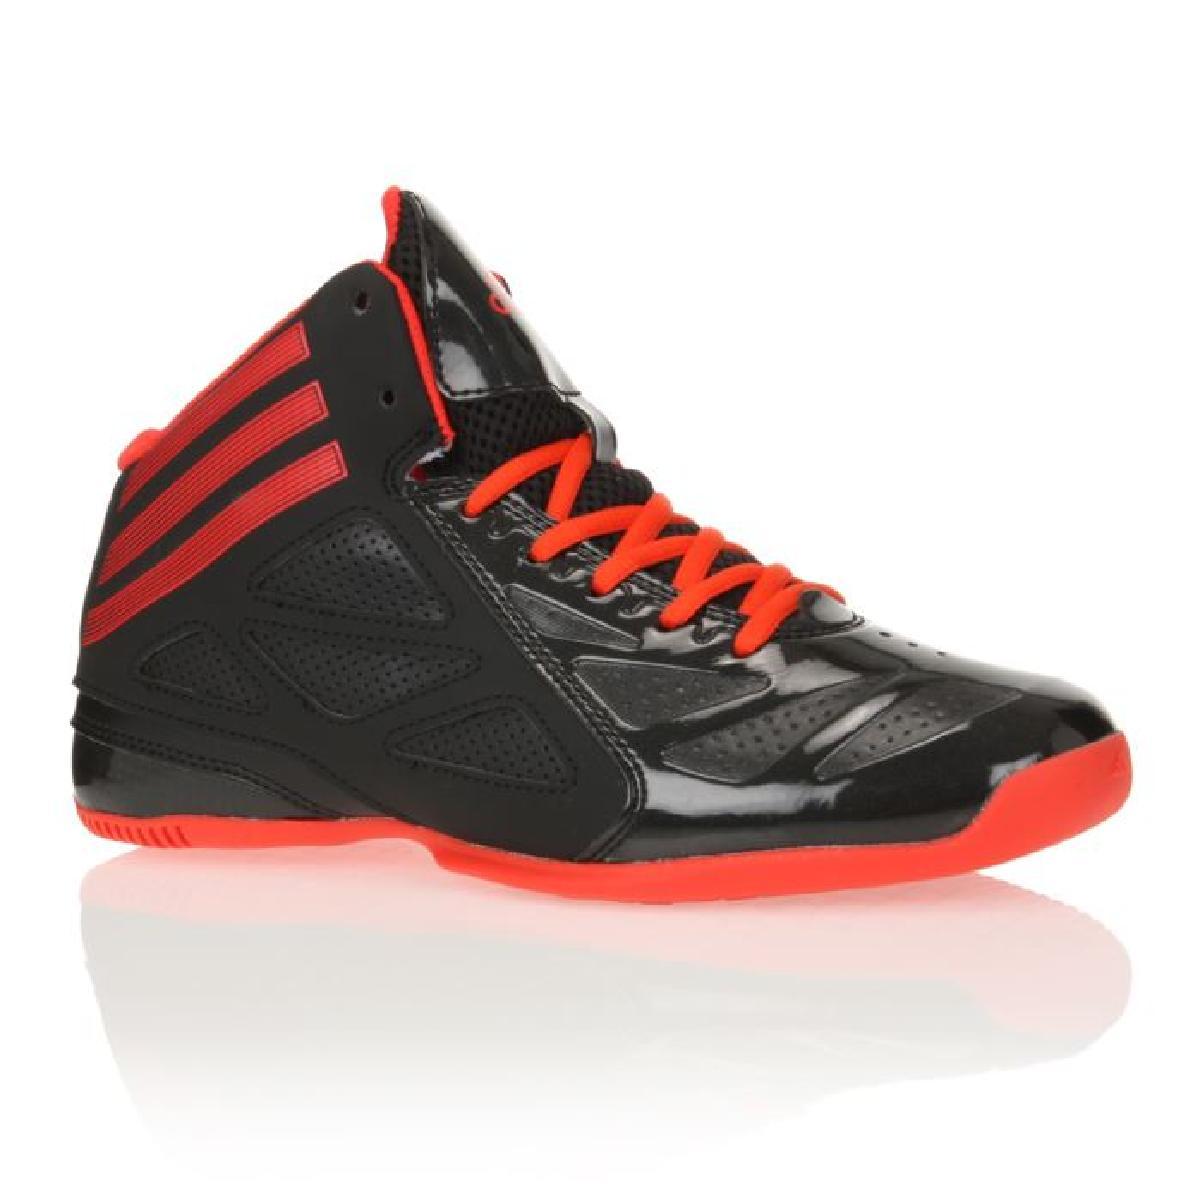 best website 0b16e 3bb60 chaussures de basket adidas nba